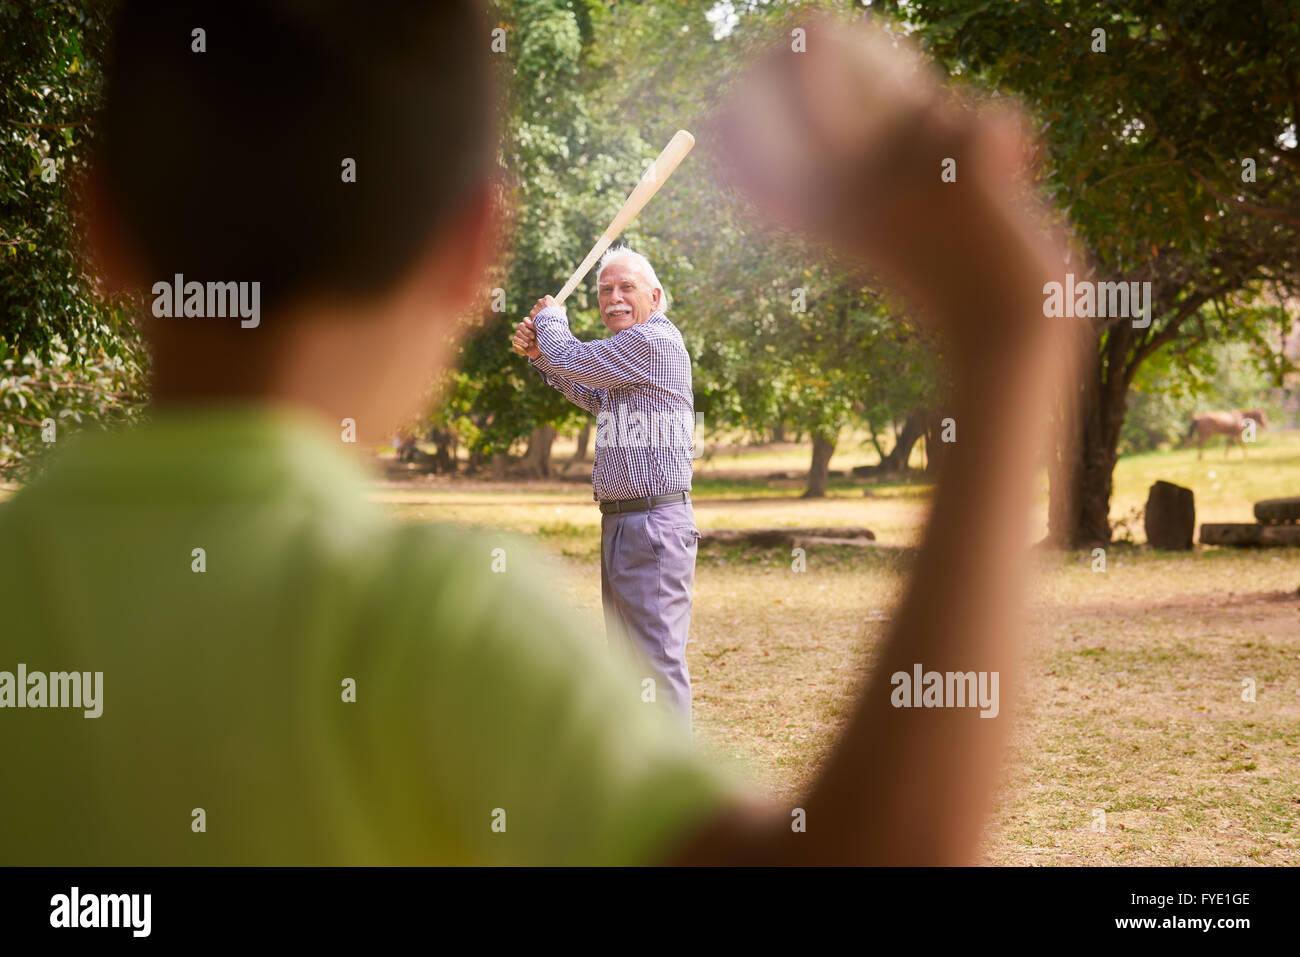 Großeltern mit Enkel: Senior Woman spielen Baseball mit seinem Enkel im Park. Der alte Mann hält die Fledermaus, Stockbild